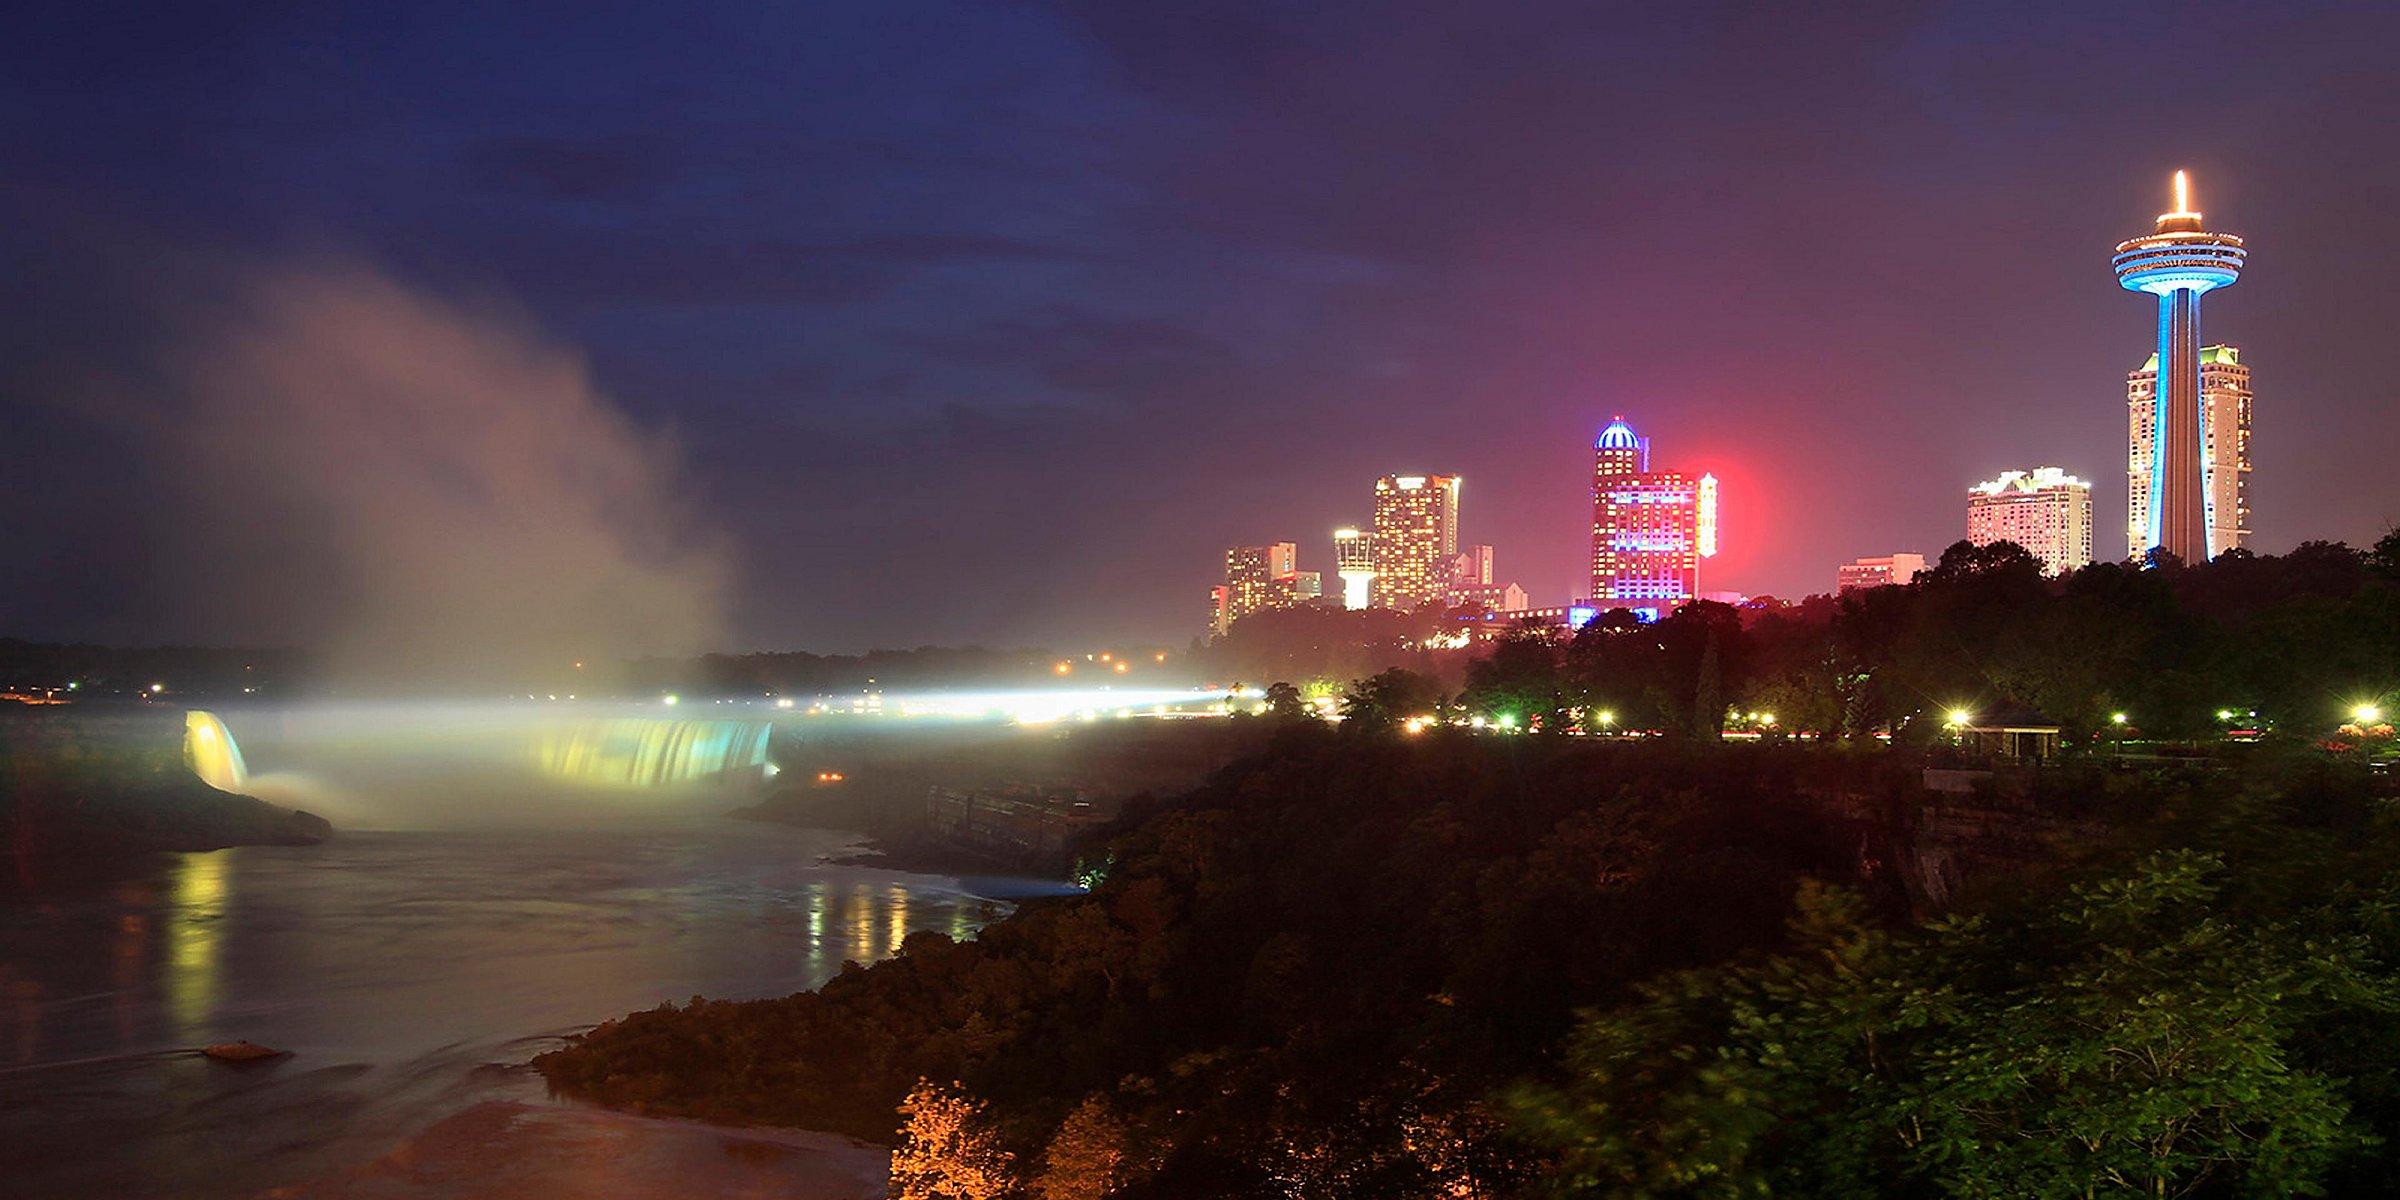 Niagara Falls Canada Hotels With Falls View Holiday Inn Niagara Falls By The Falls